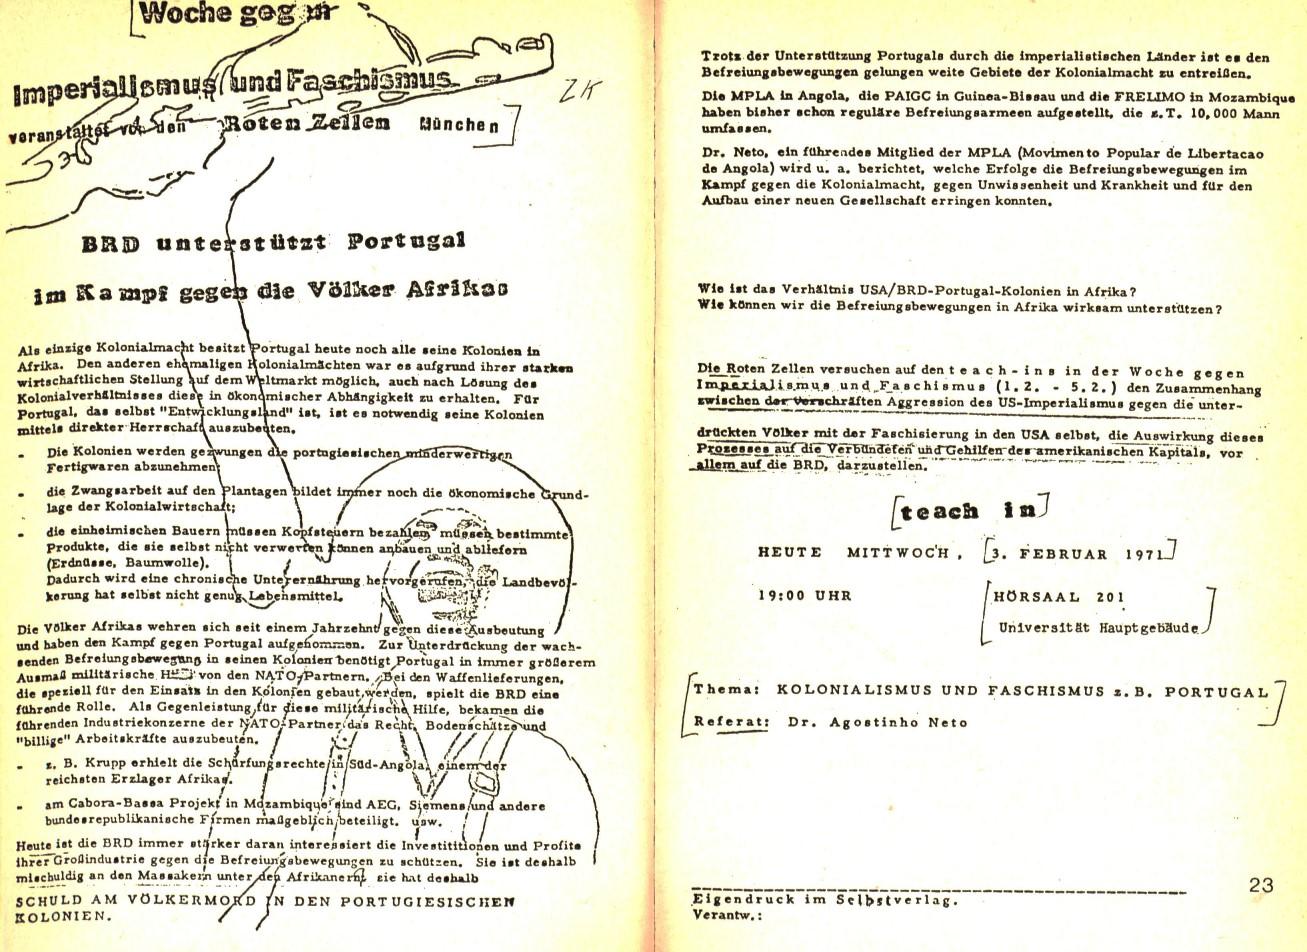 Berlin_VDS_Aktionskomitee_1976_BerufsverboteIII_13